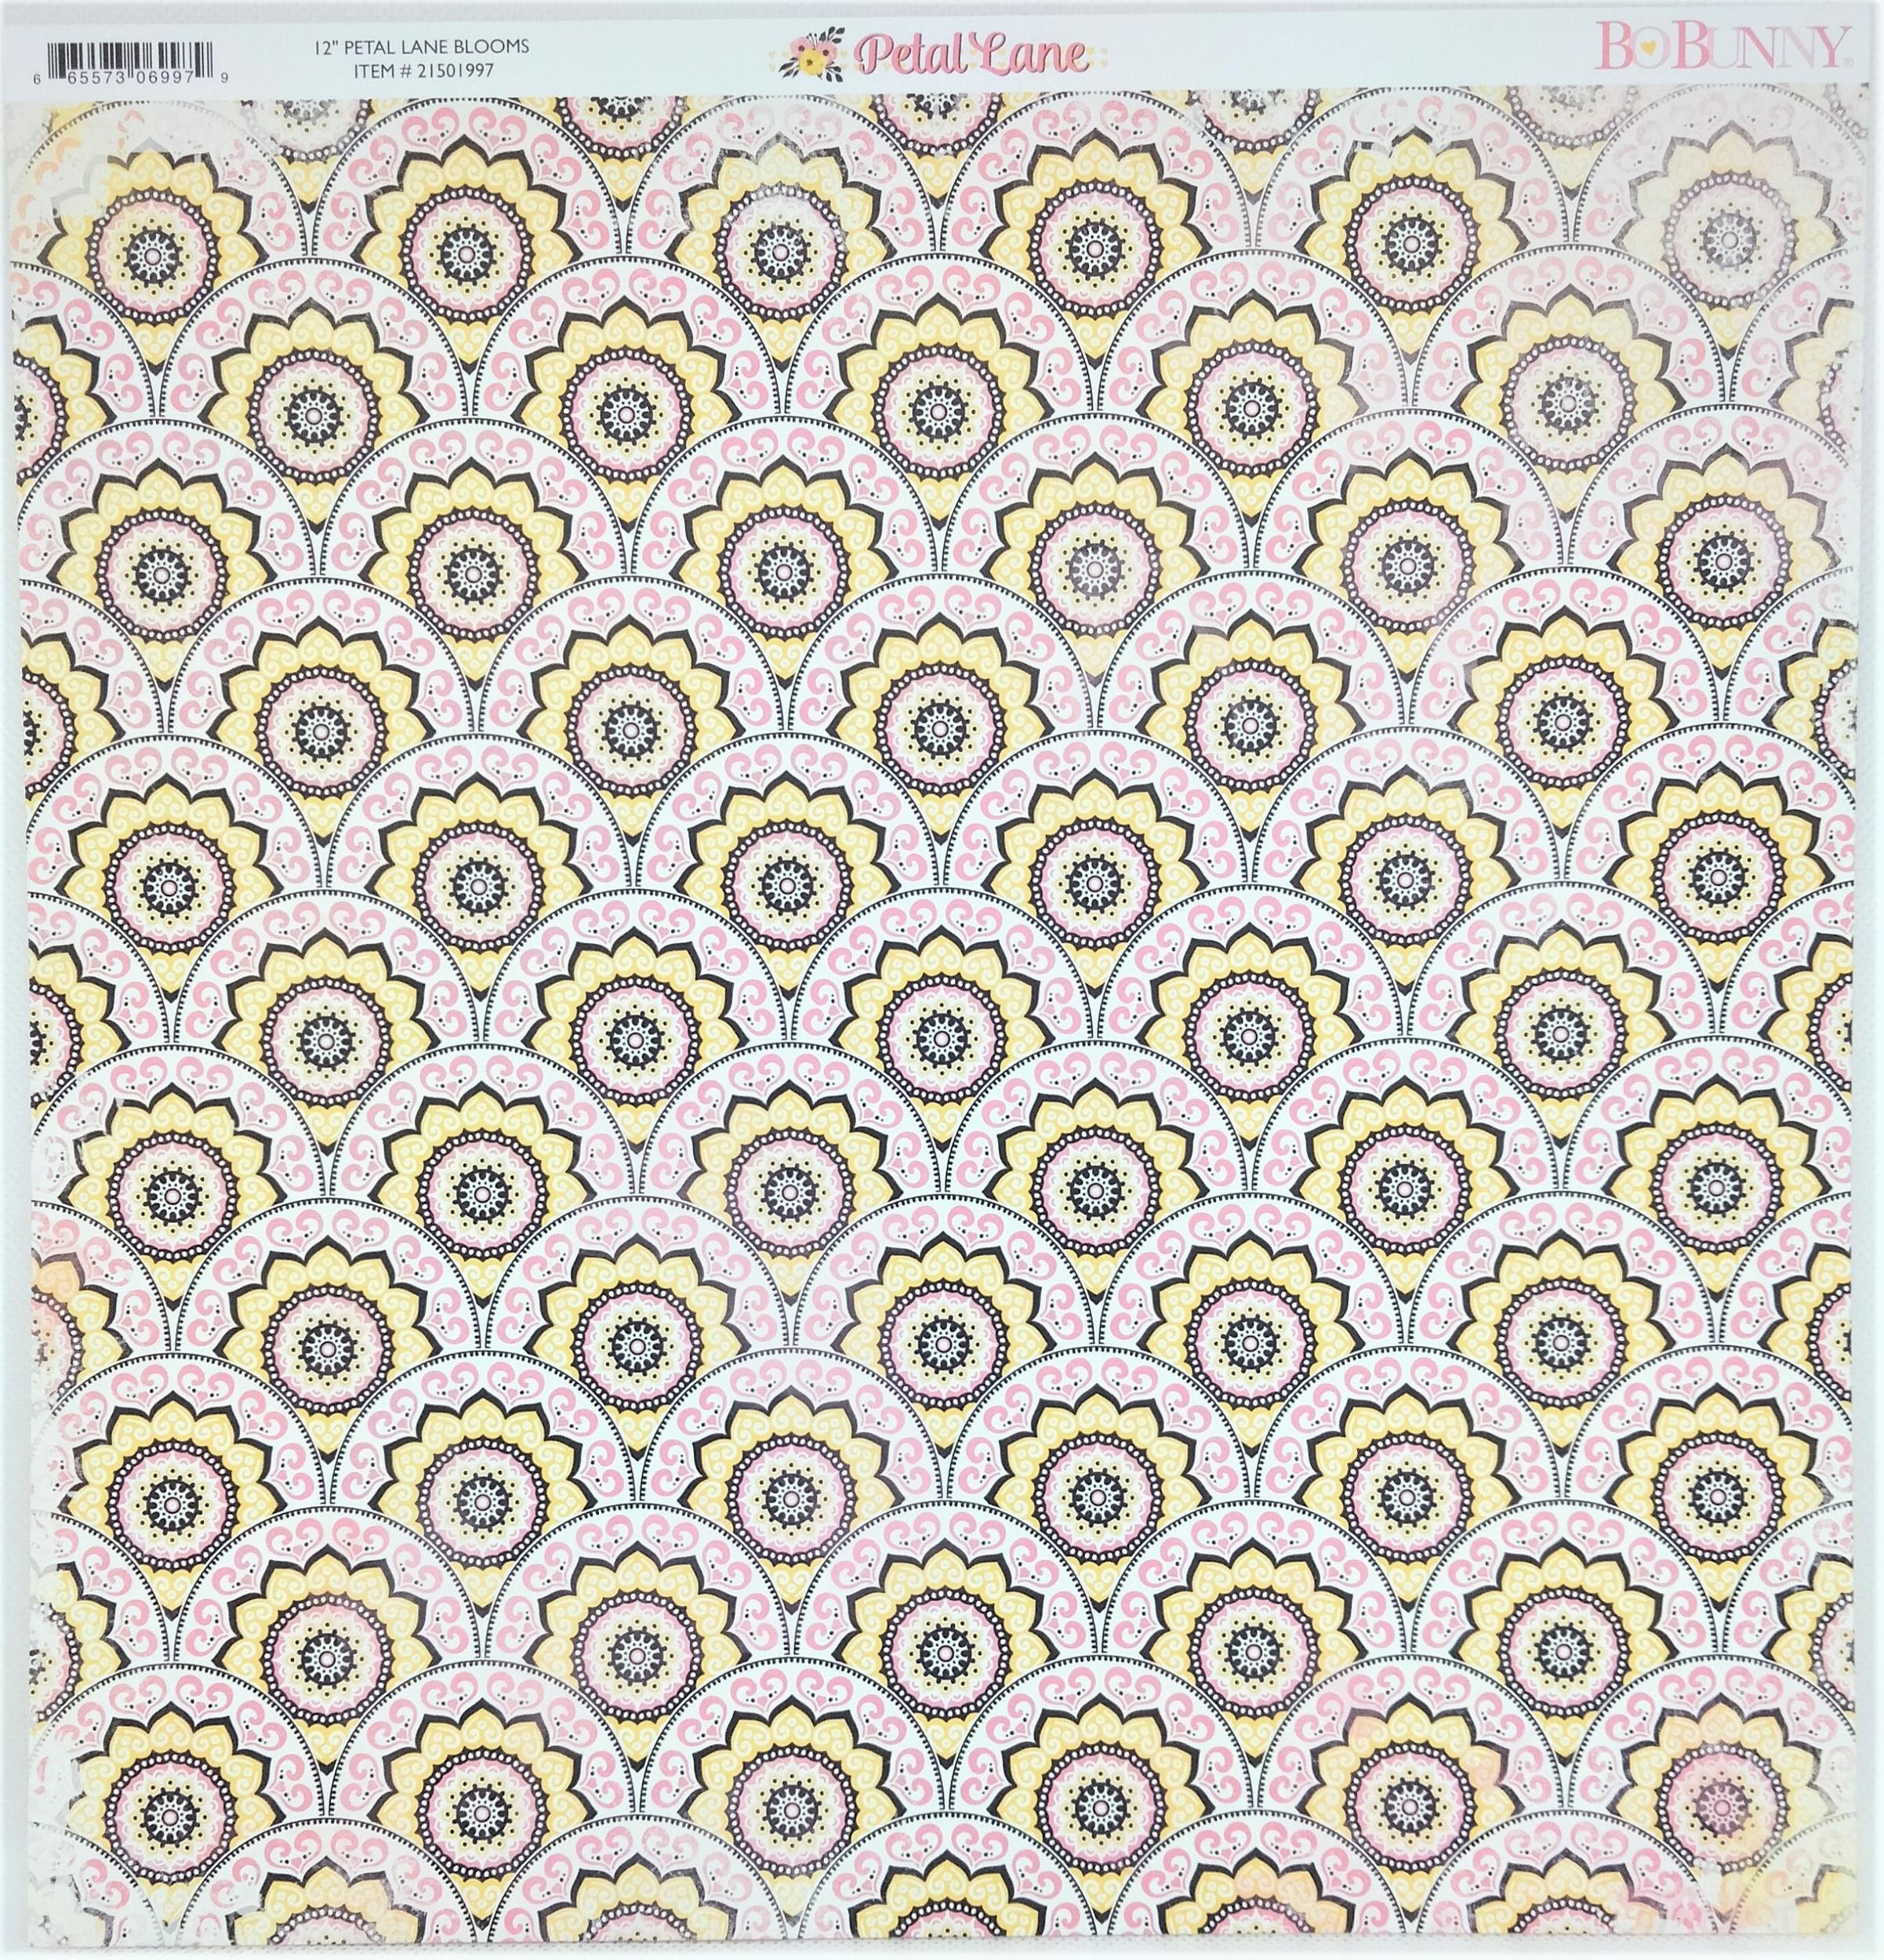 ART1043-1997